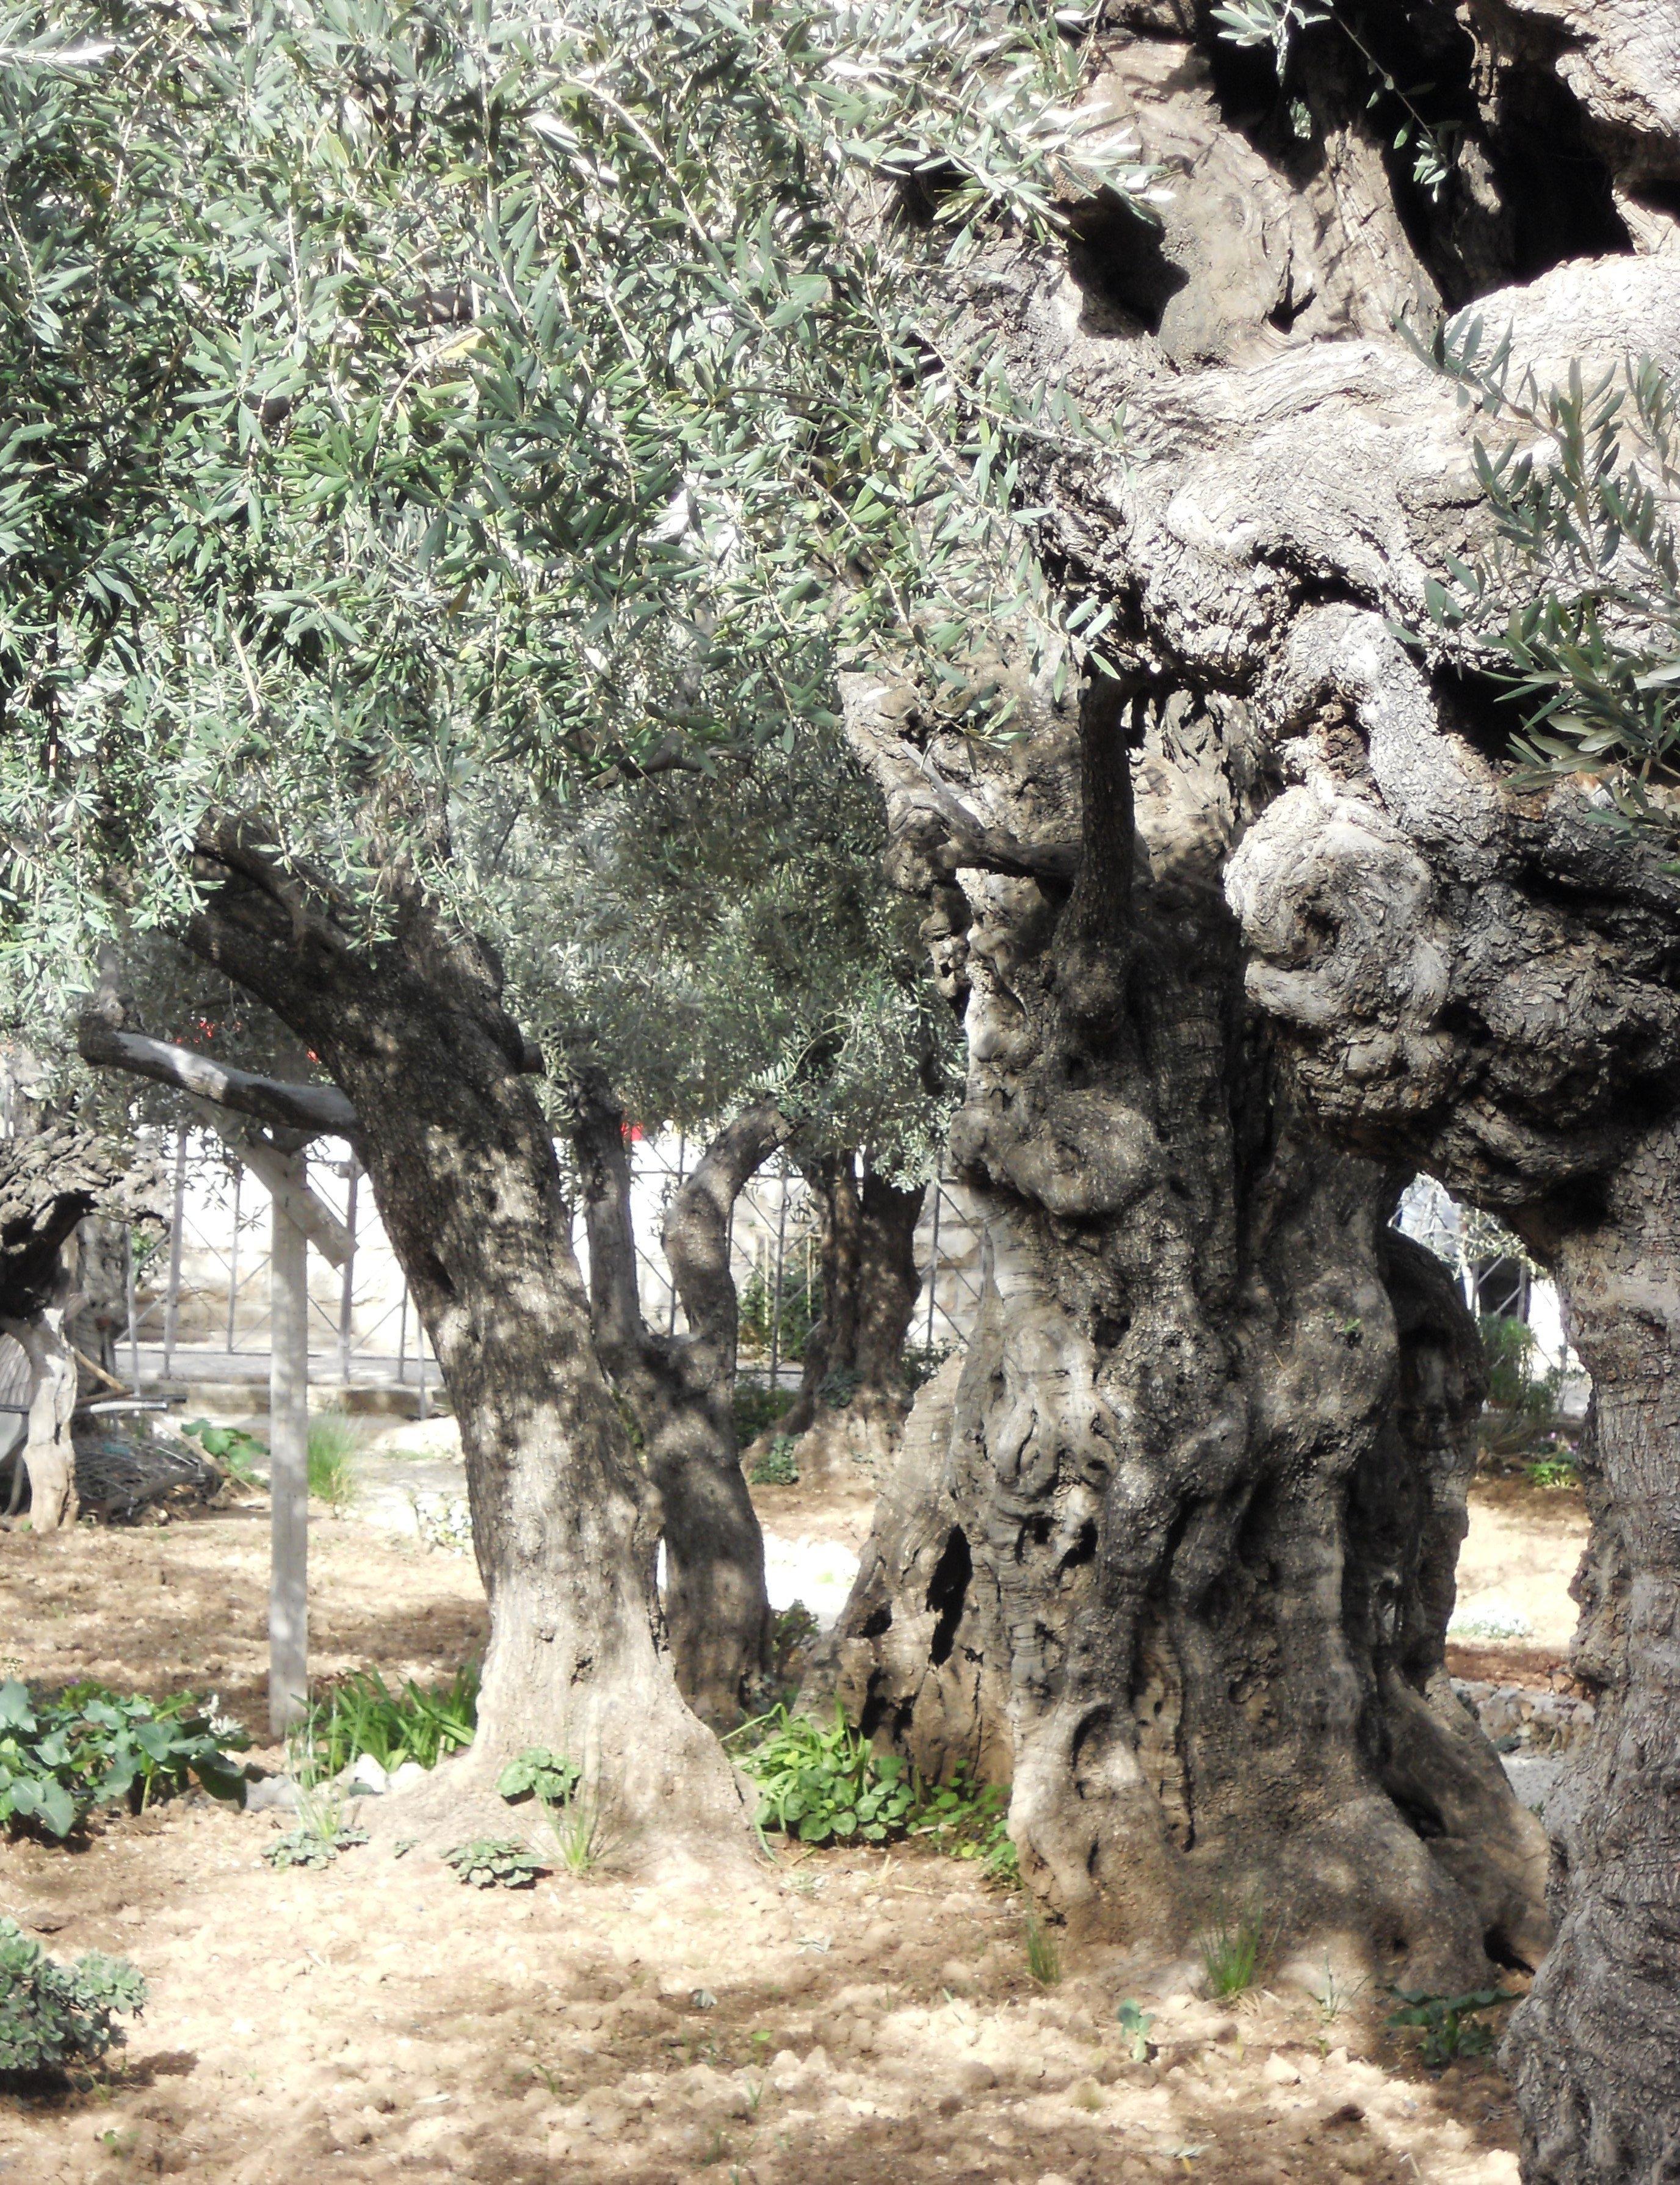 Where bitter does go denisebalog grace filled devotionals - Does olive garden deliver to your house ...